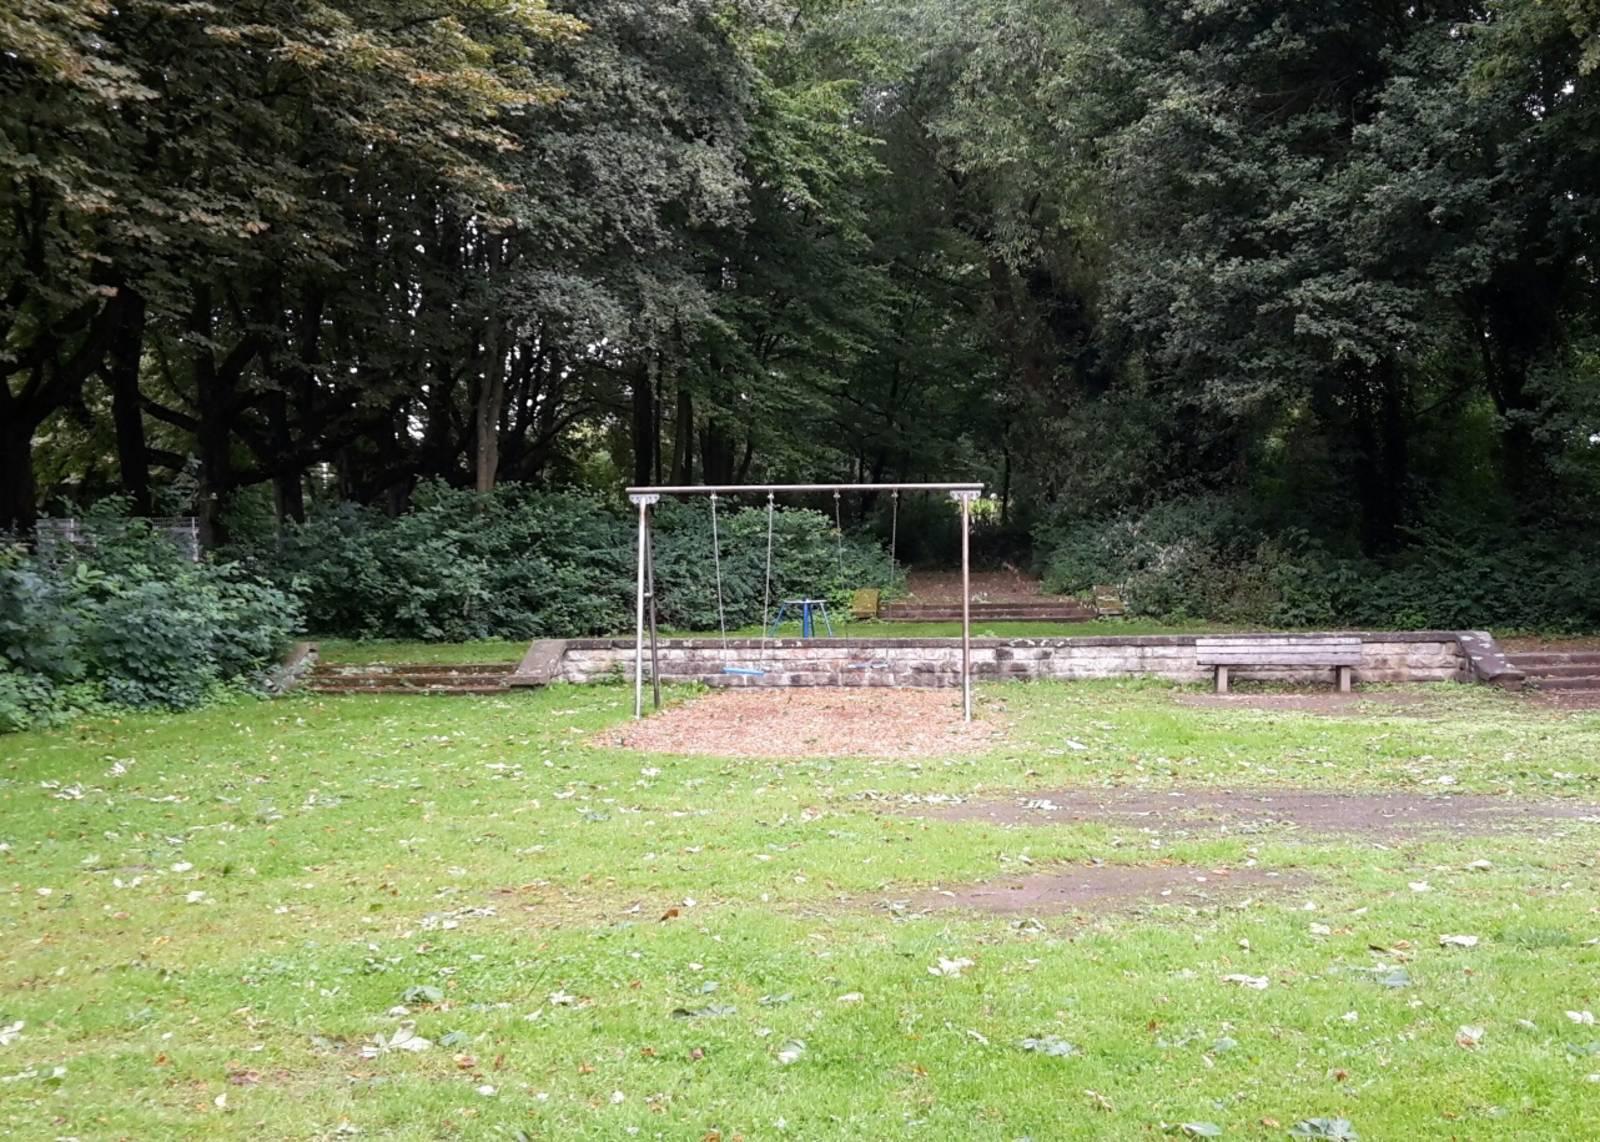 Schaukelgerüst auf einer Wiese im Wald